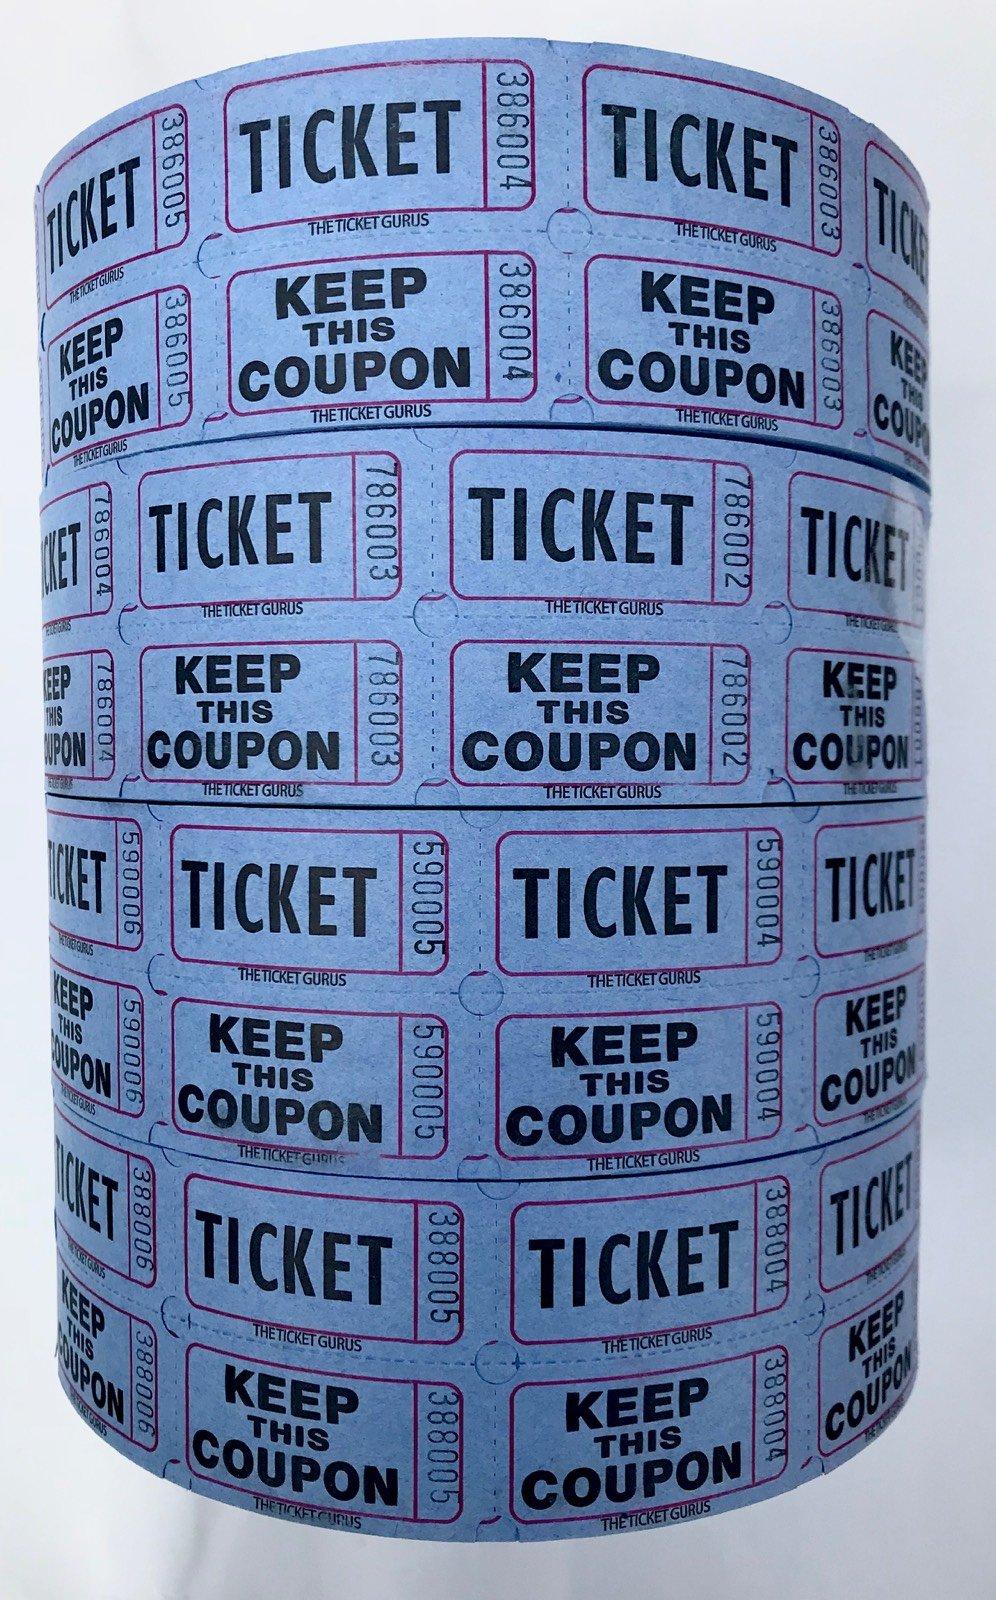 The Ticket Gurus-Raffle Tickets - (4 Rolls of 2000 Double Tickets) 8,000 Total 50/50 Raffle Tickets (4) Blue Rolls by The Ticket Gurus